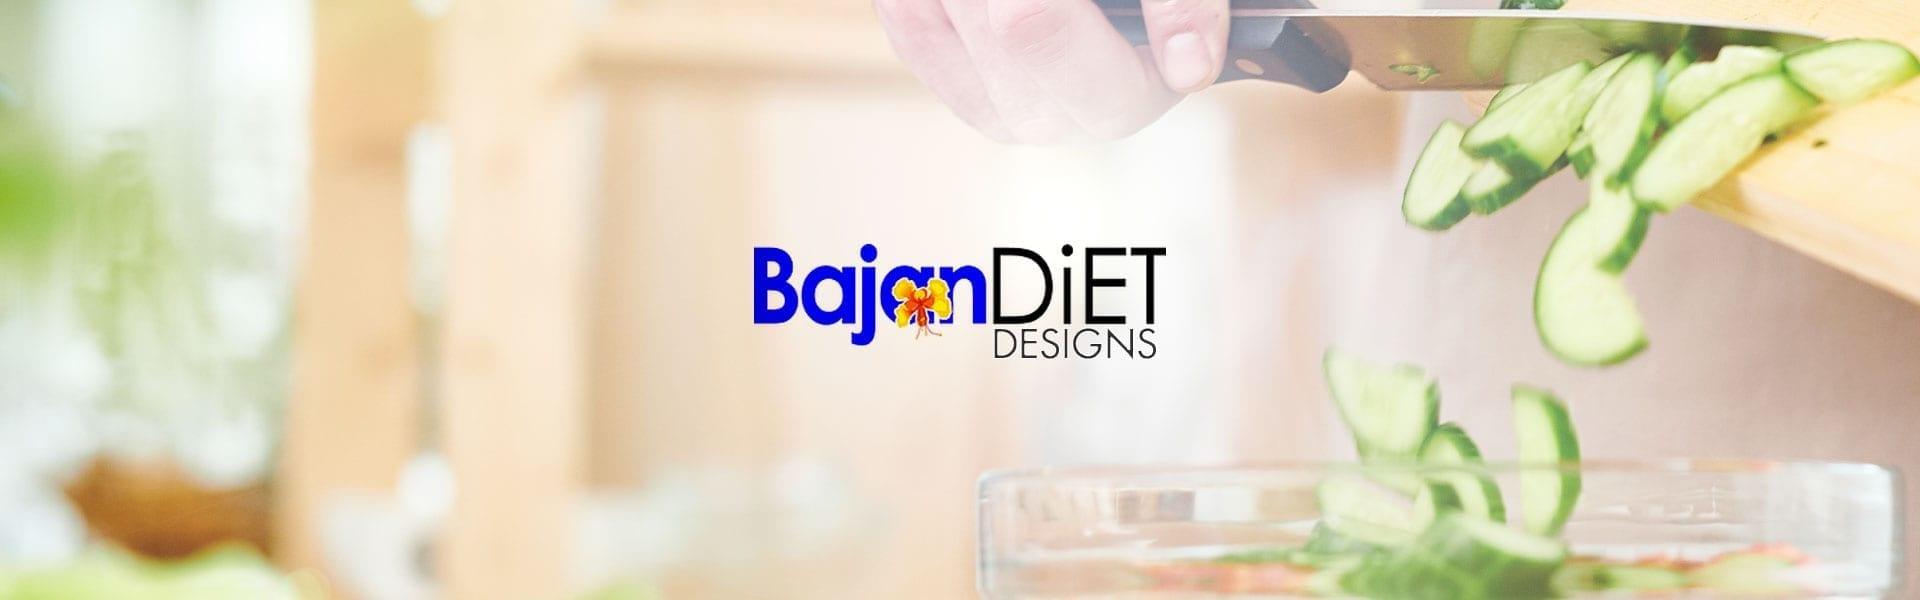 Bajan Diet Designs